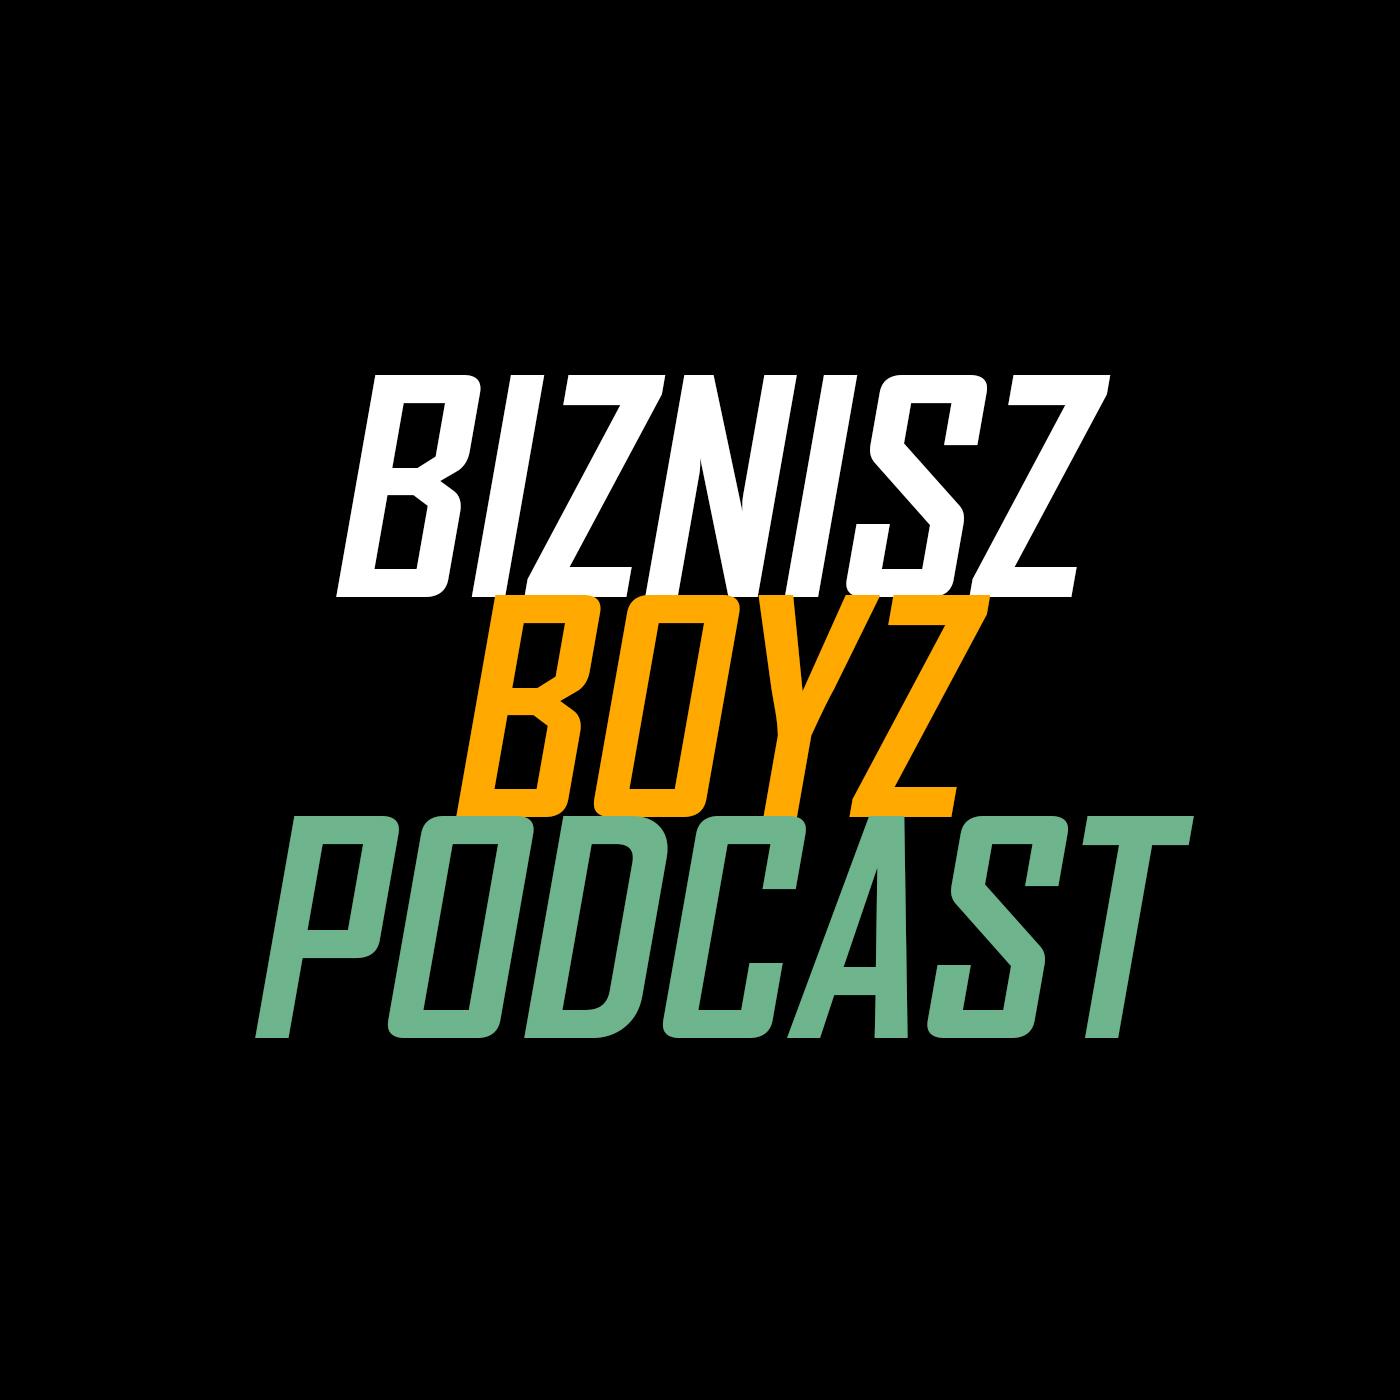 Sándorfy Adrián, Mester Tomi, Virág Attila: Biznisz Boyz